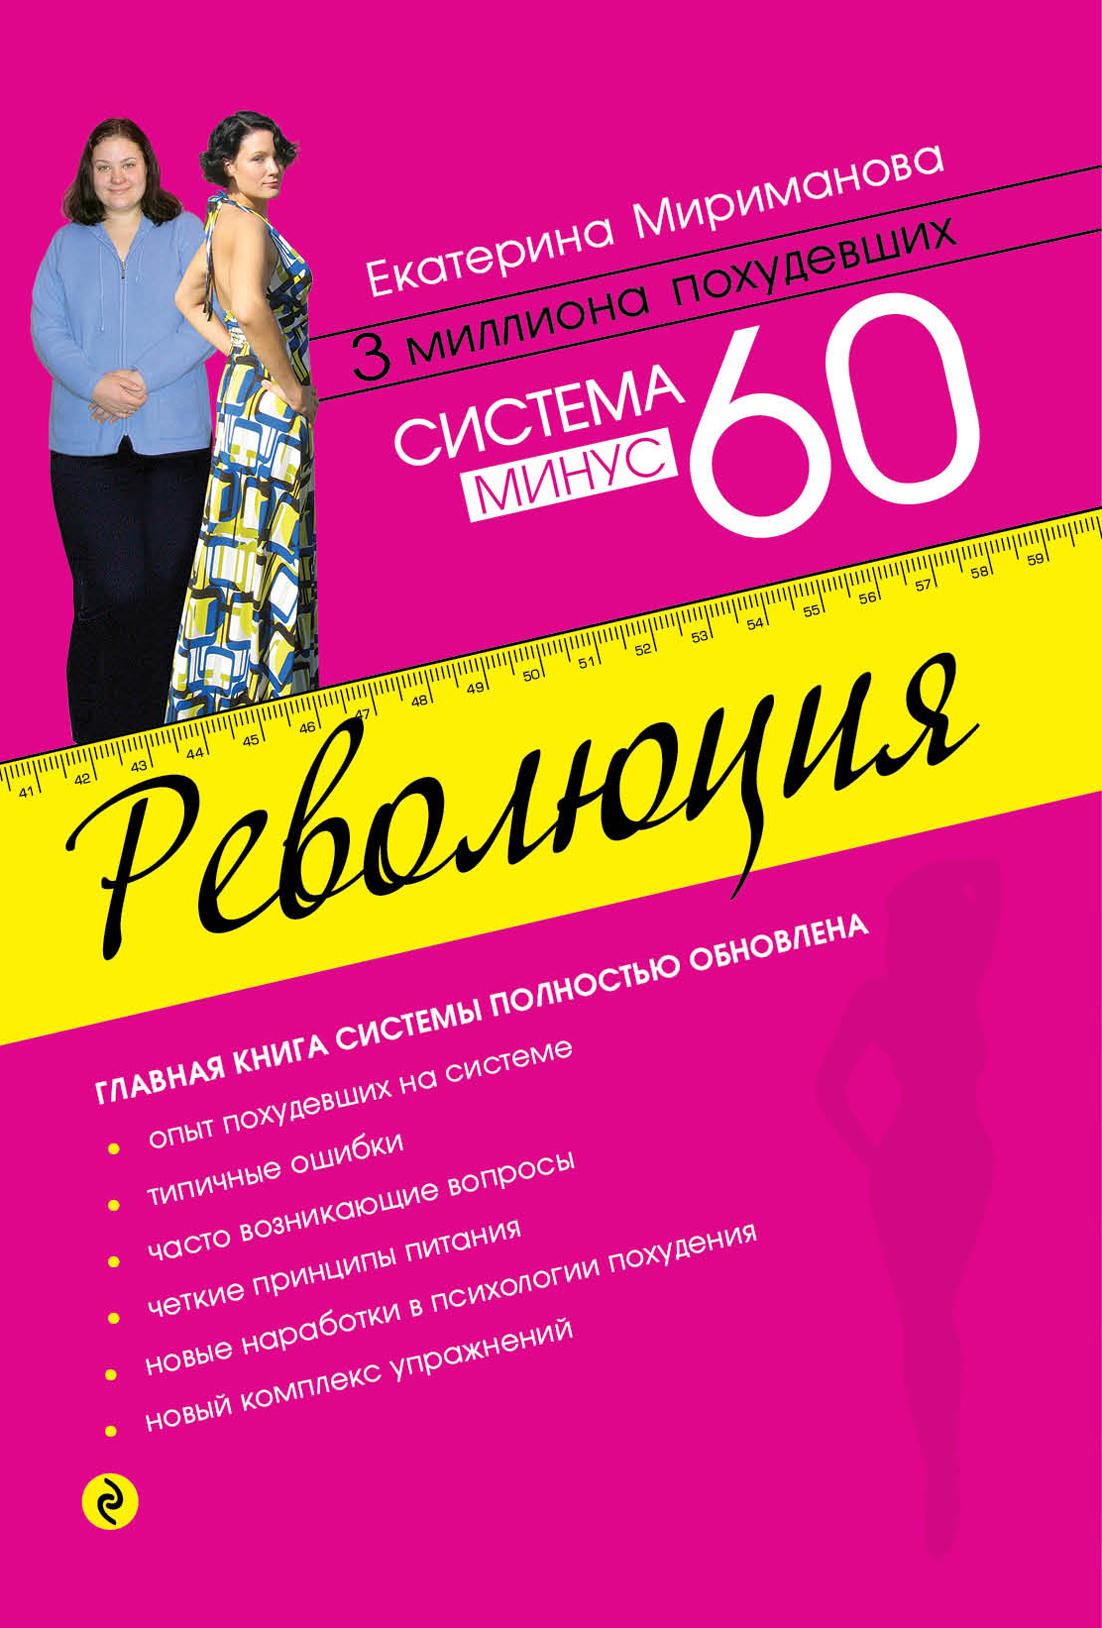 """Диета 60 Е Мириманова. Система """"Минус 60"""": меню на неделю, таблица, завтраки, обеды и ужины, основные правила"""